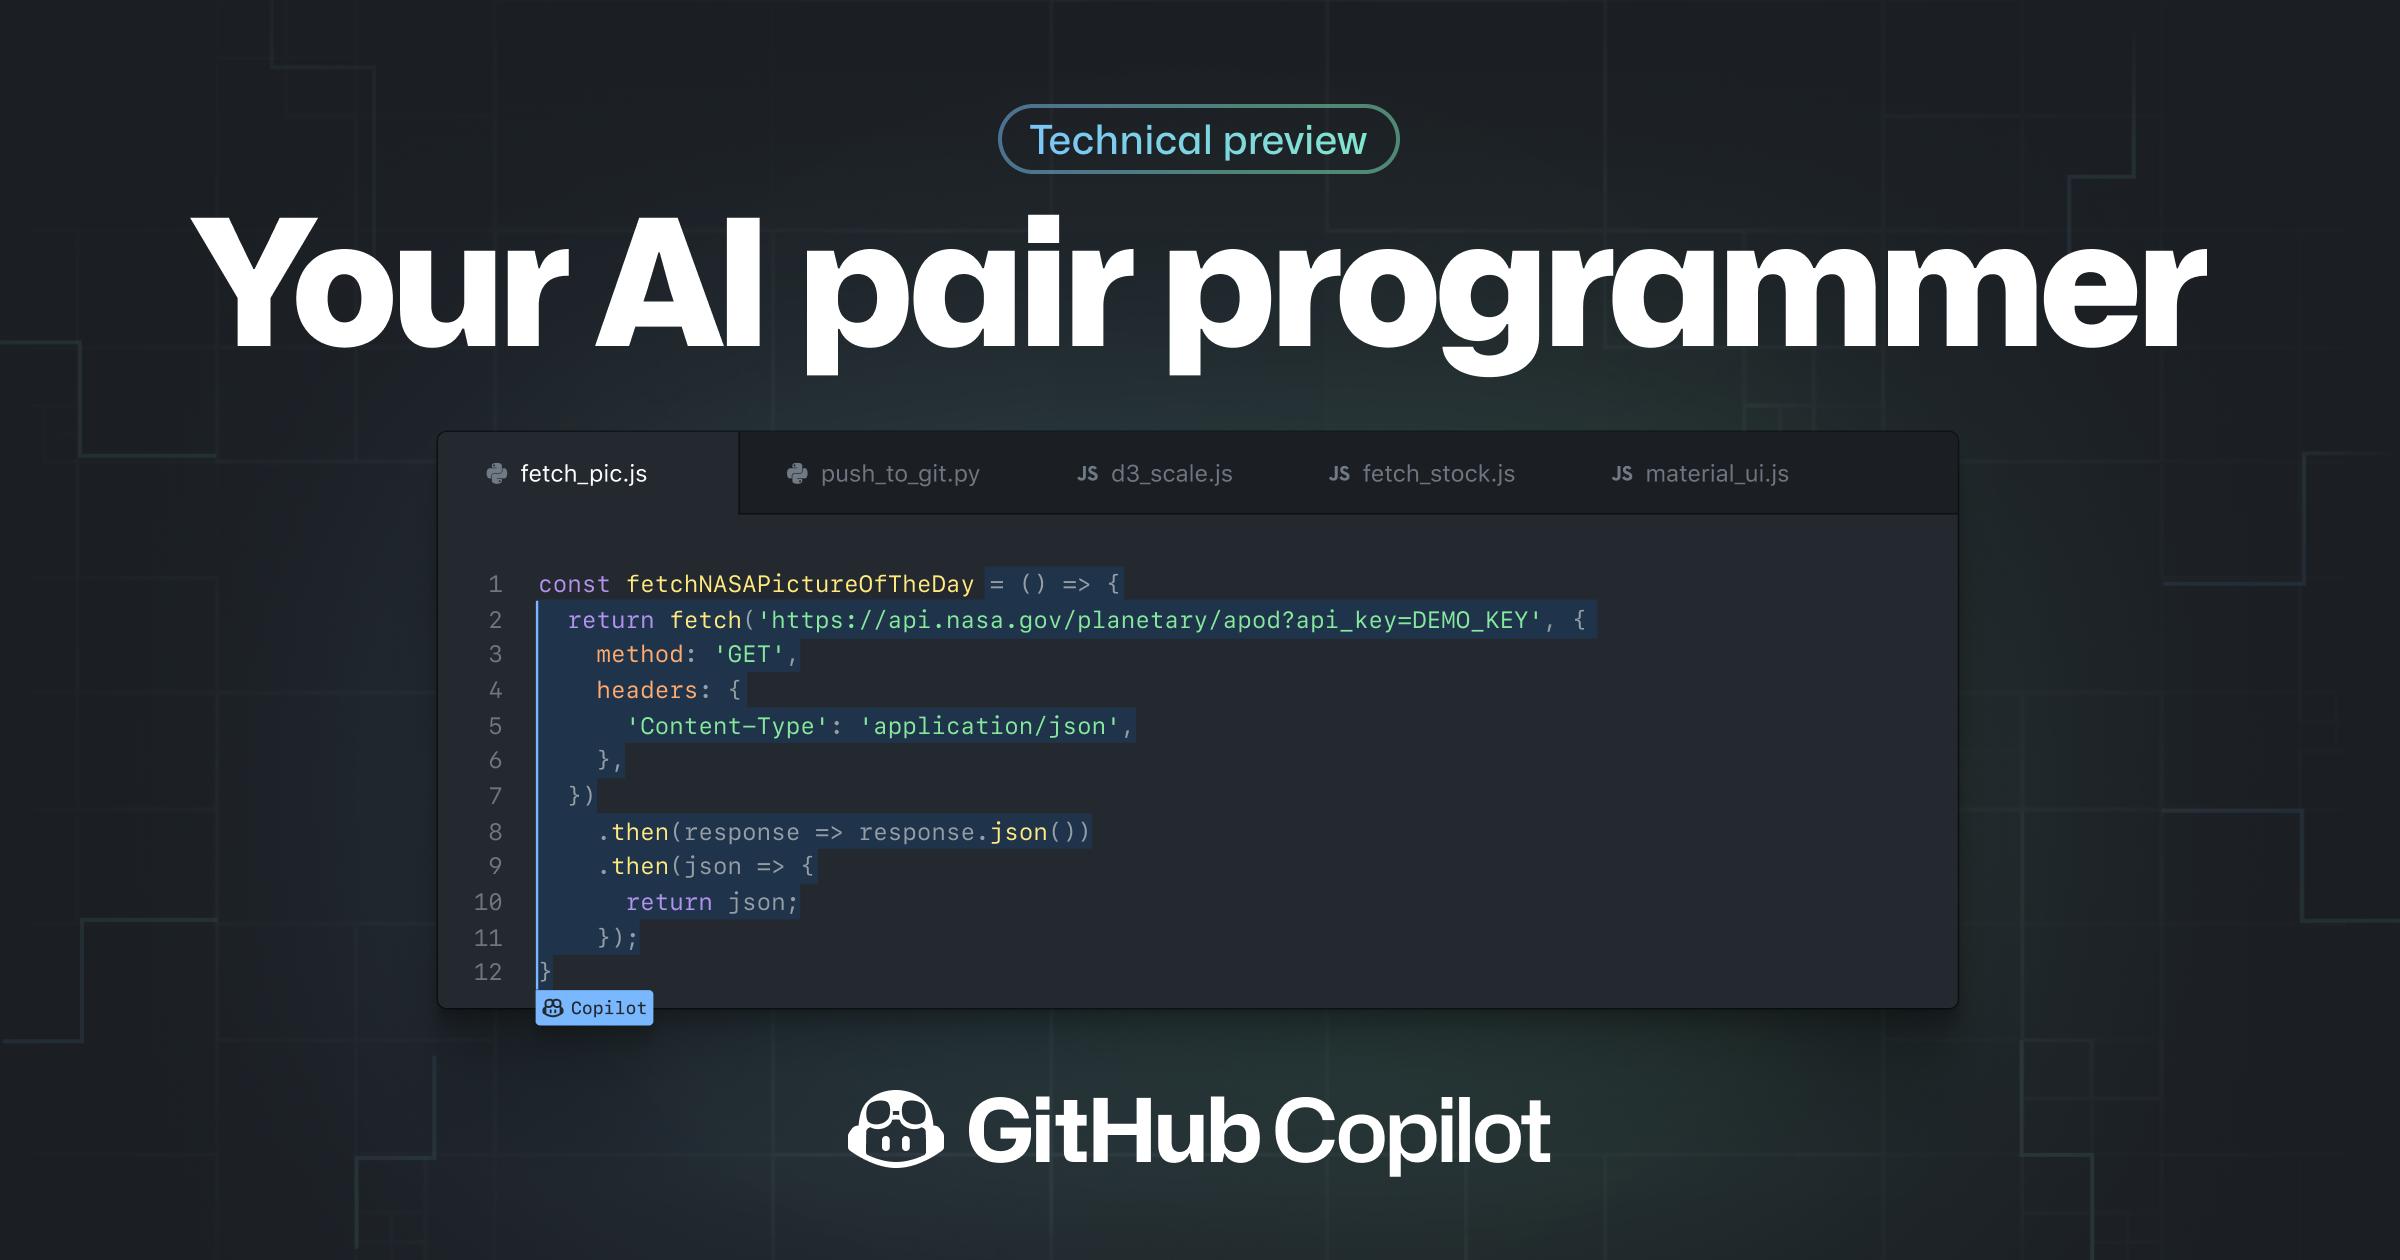 Система на базе ИИ GitHub Copilot примерно в 40% случаев создает уязвимый код